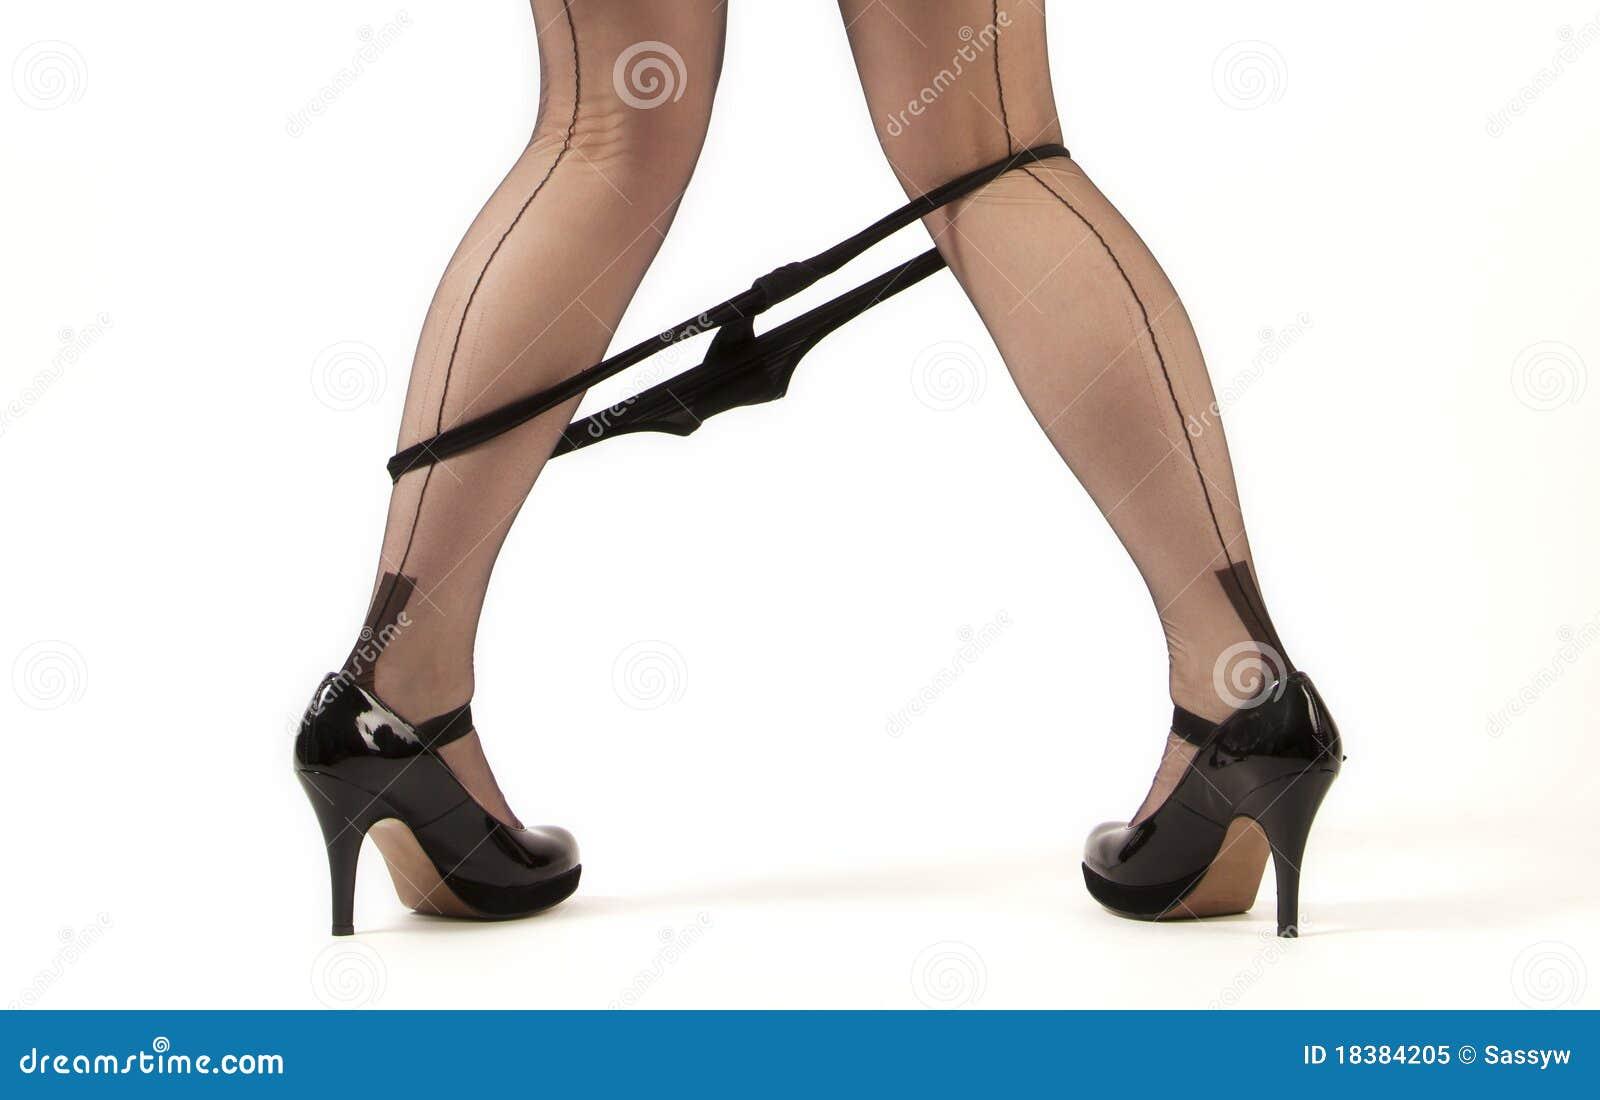 image Piernas de mujer de negocios